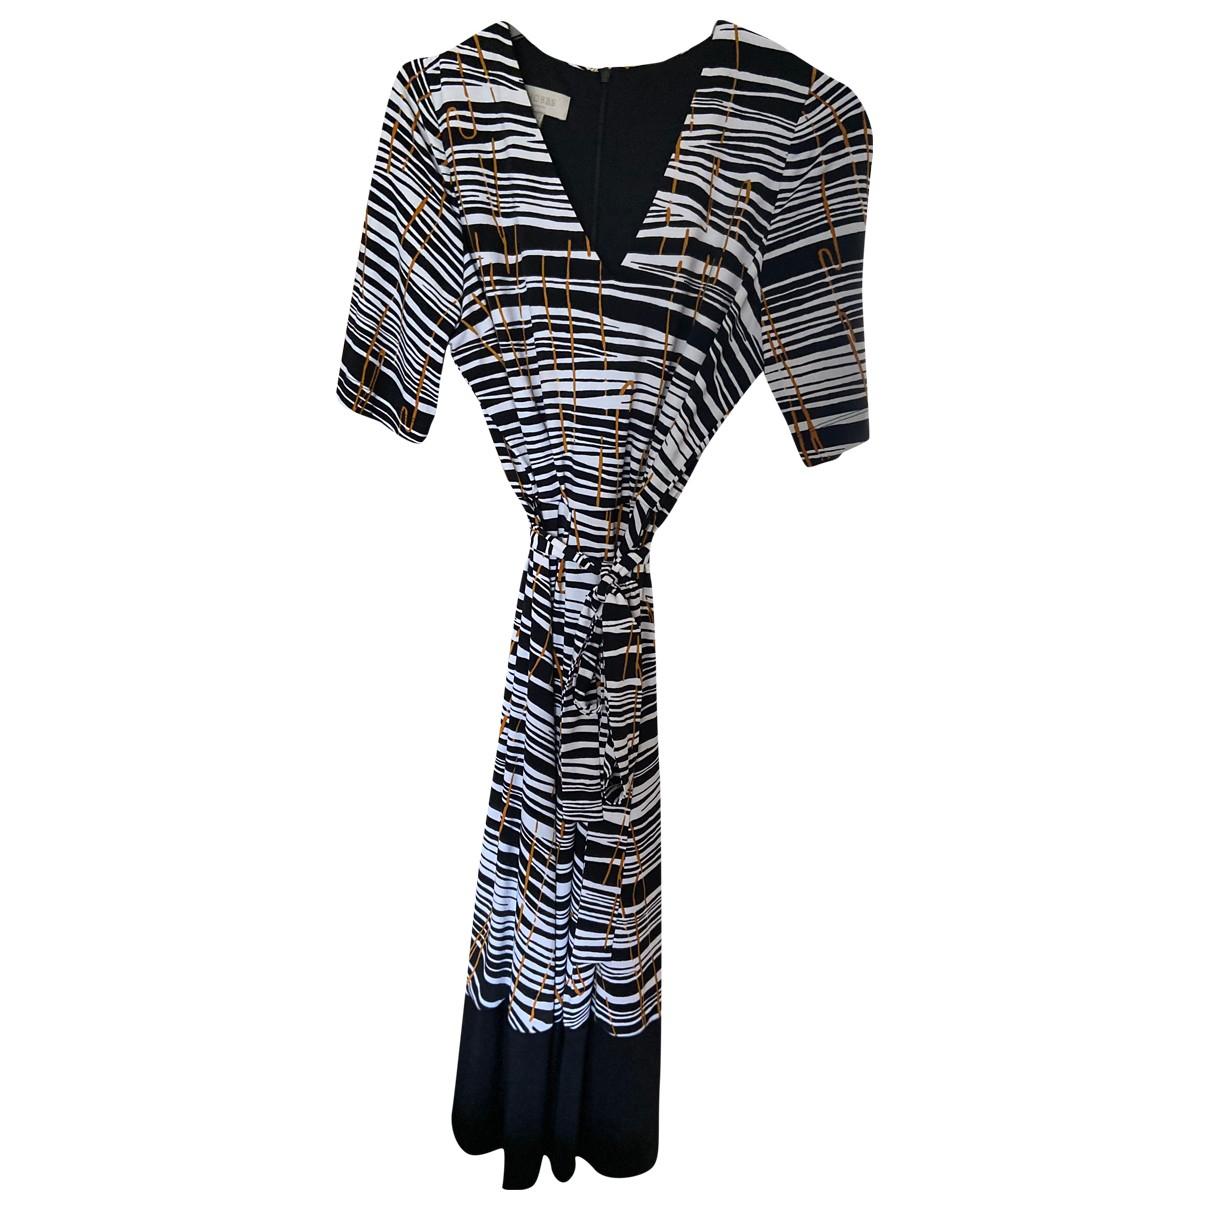 Hobbs \N Kleid in  Schwarz Polyester